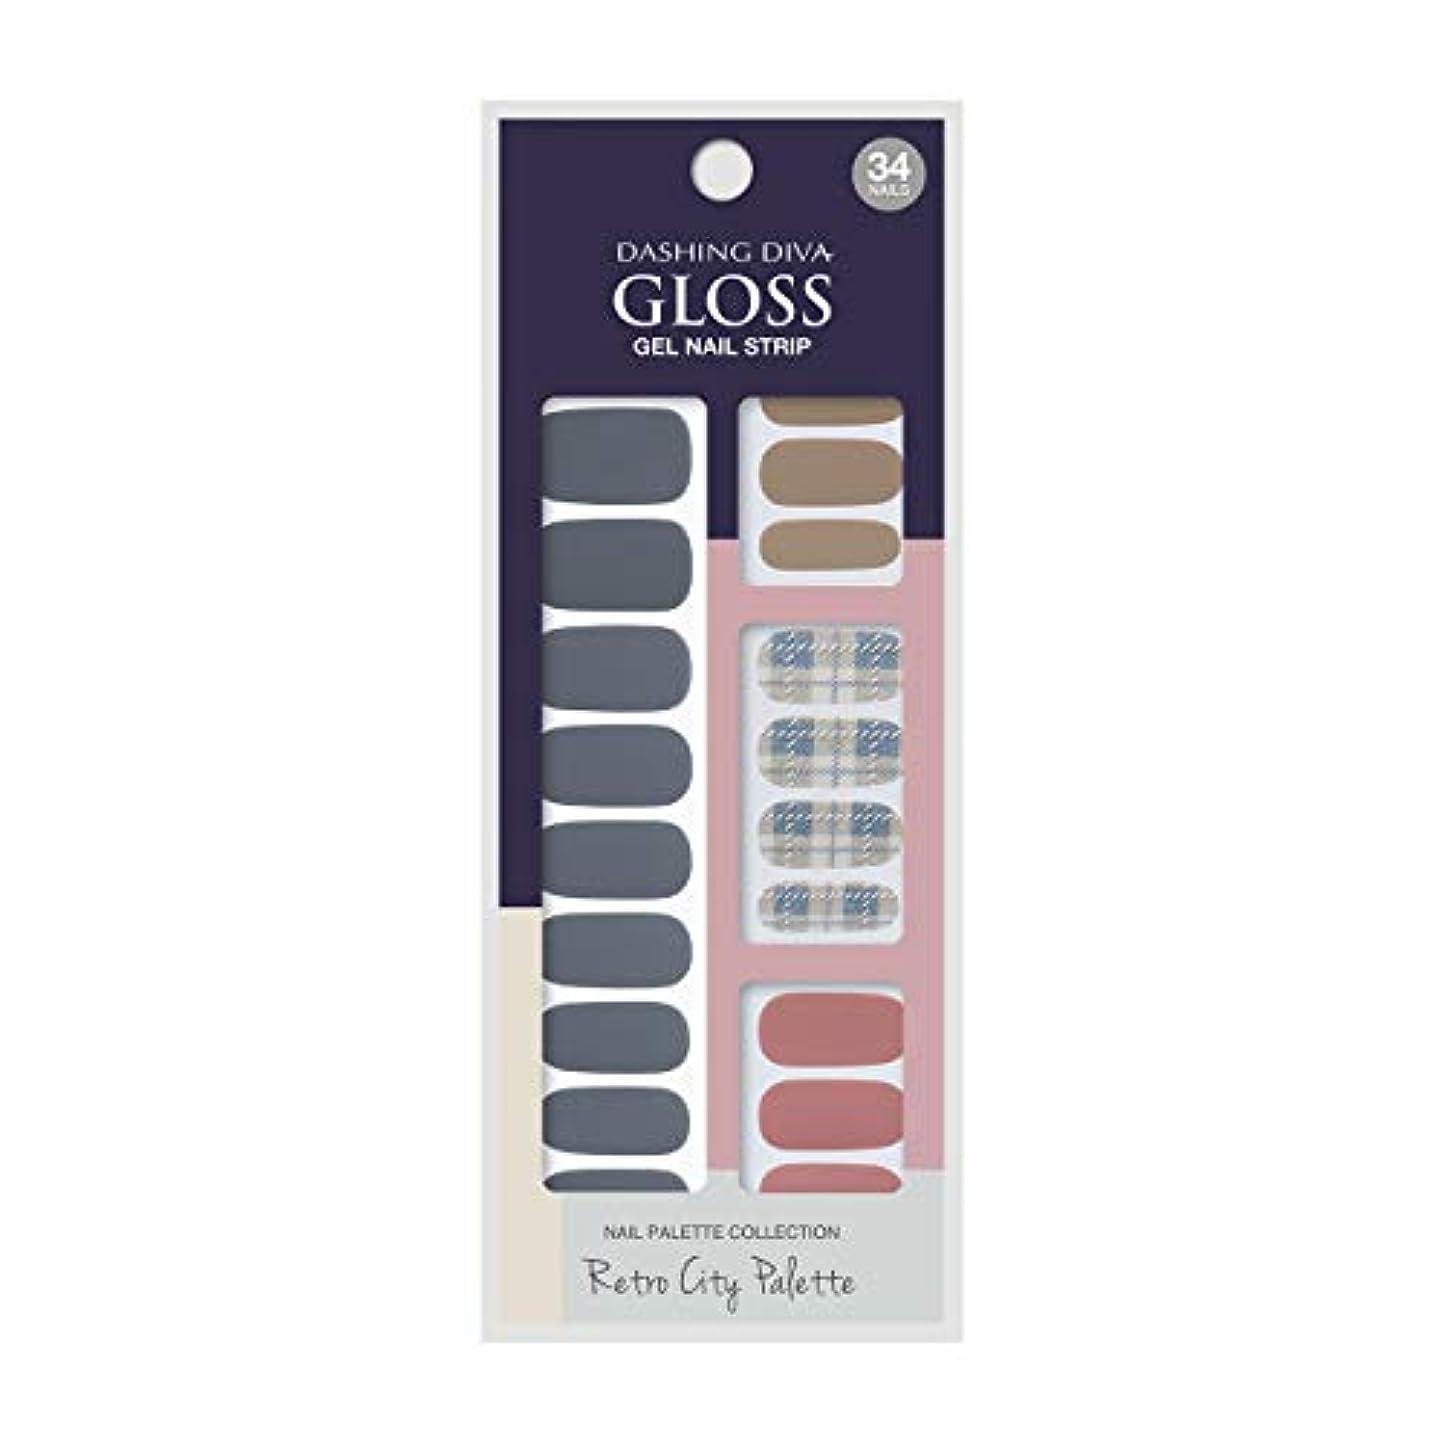 笑い安全でない風ダッシングディバ グロスジェル ネイルストリップ DASHING DIVA Gloss Gel Nail Strip GVP90 -DURY+ オリジナルジェル ネイルシール Blue Crayon